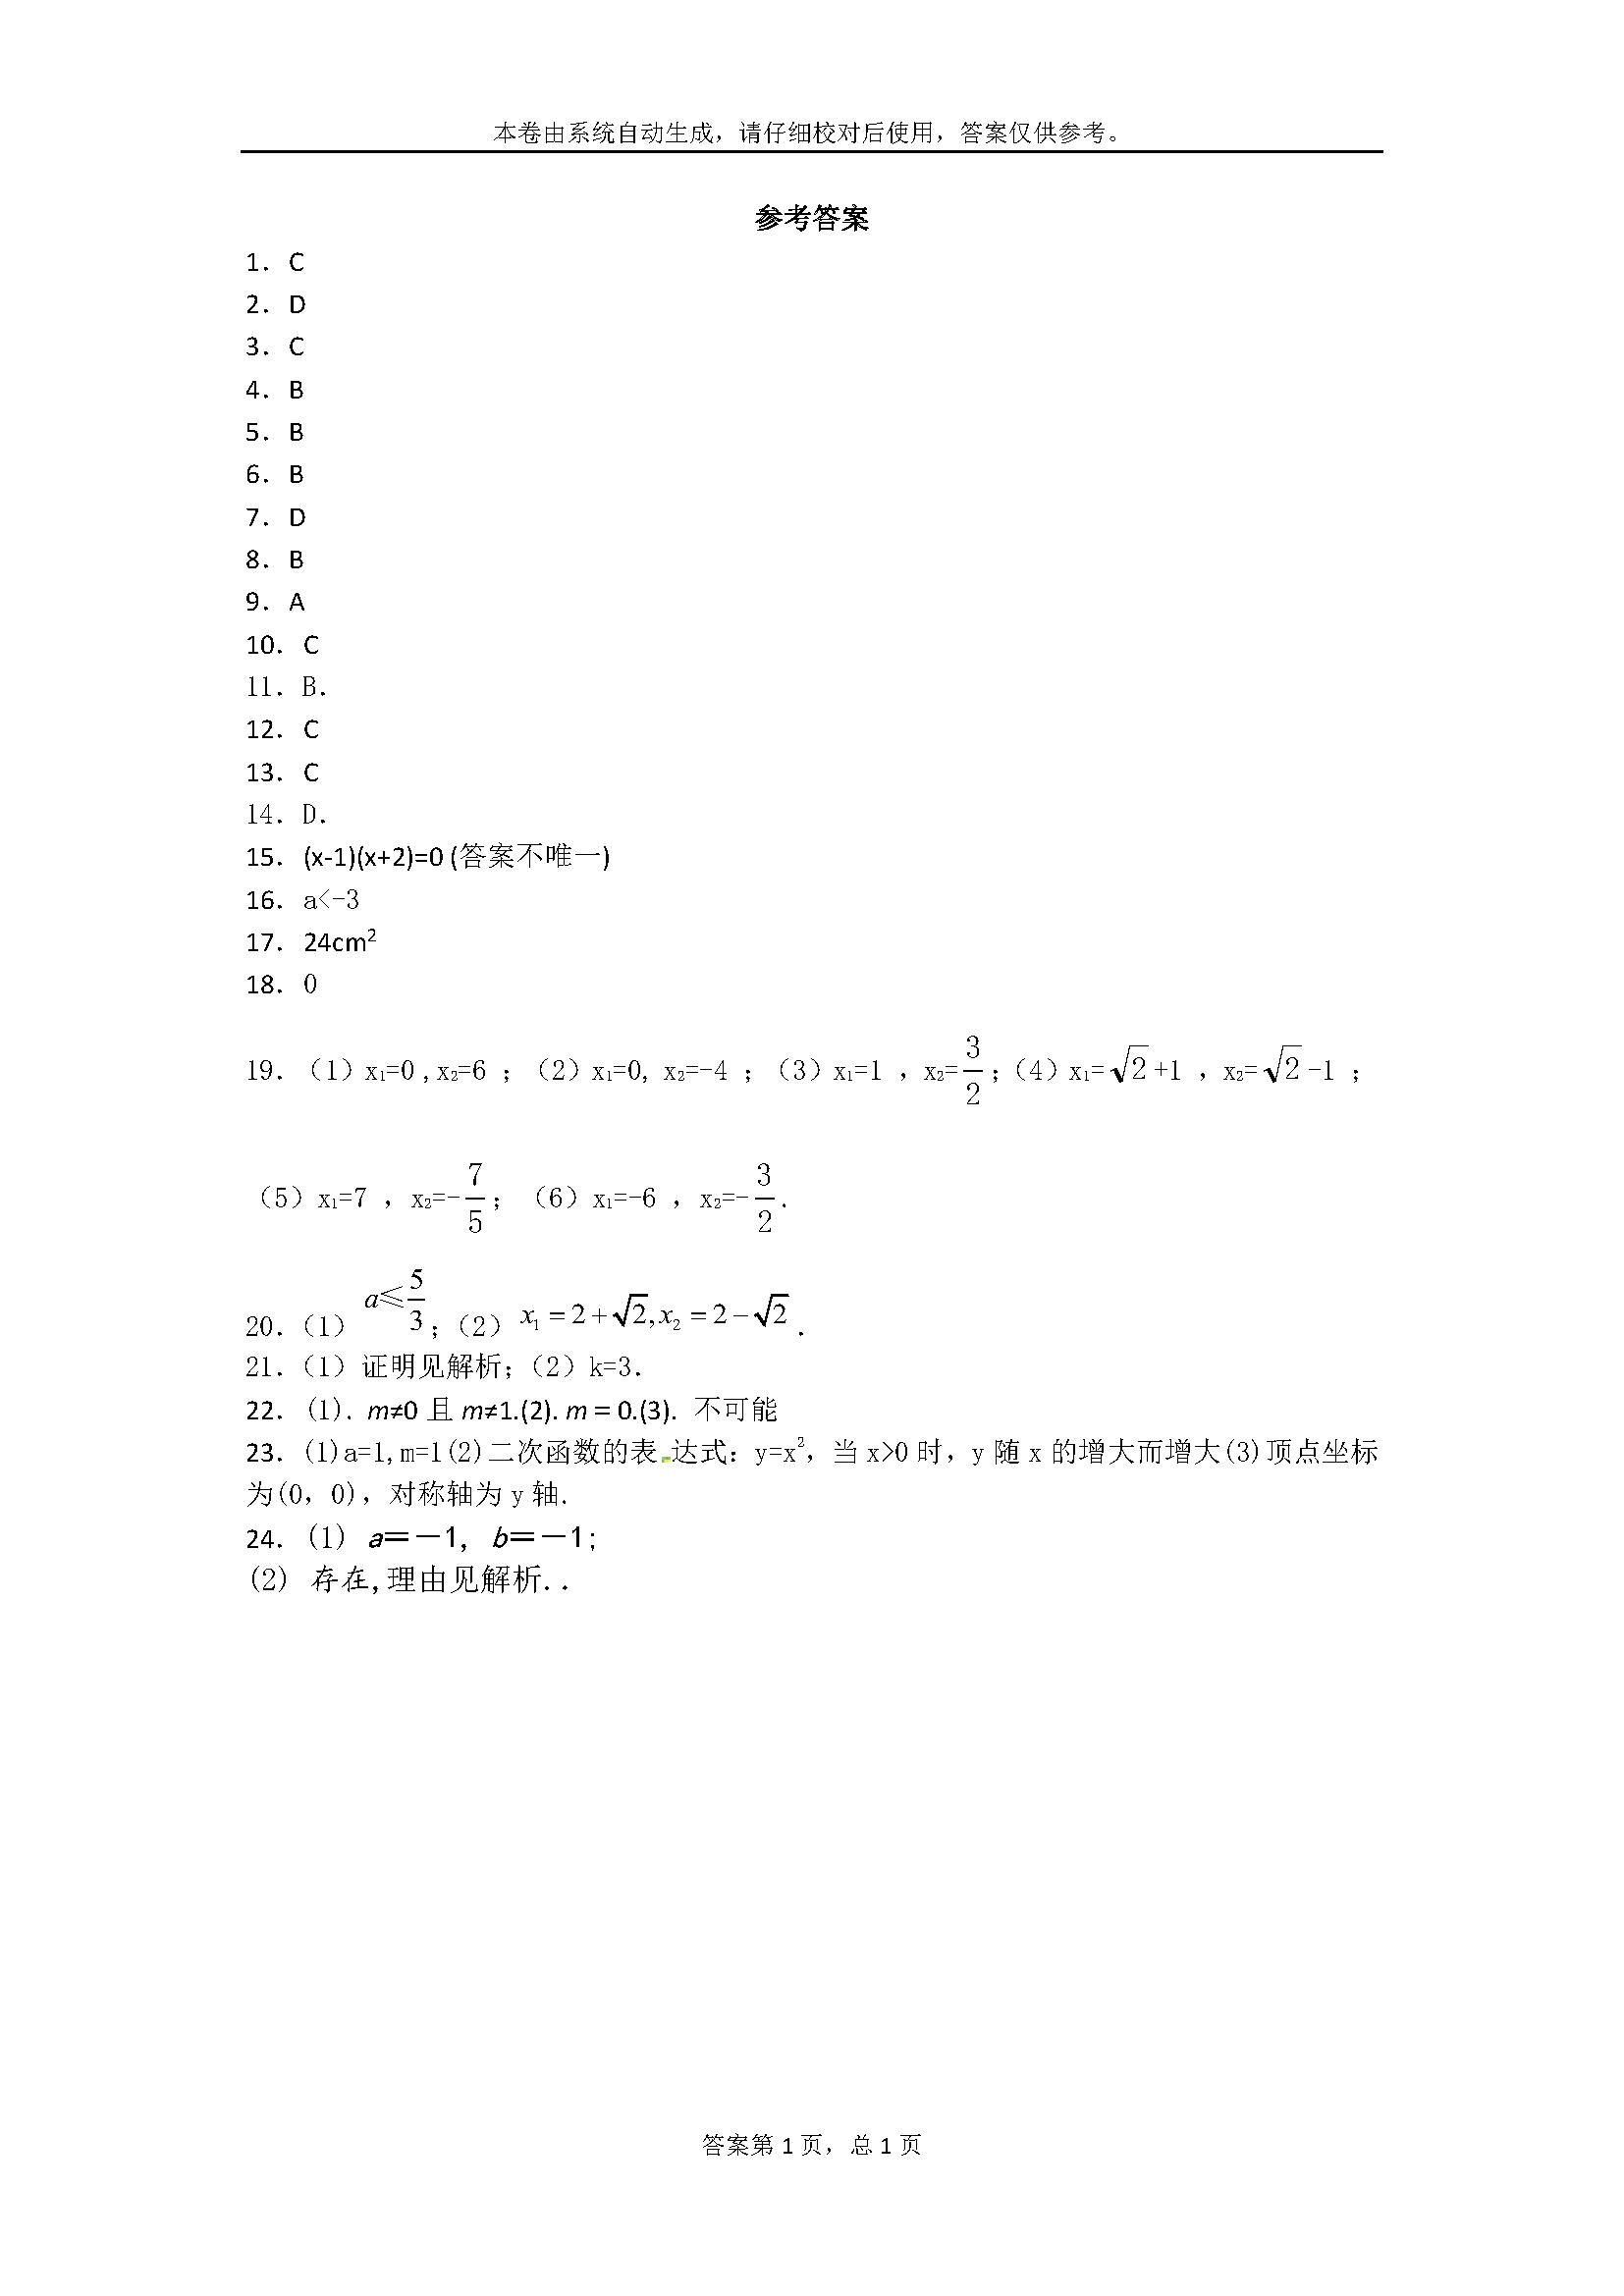 2018届海南东方铁路中学初三上数学月考试题答案(图片版)